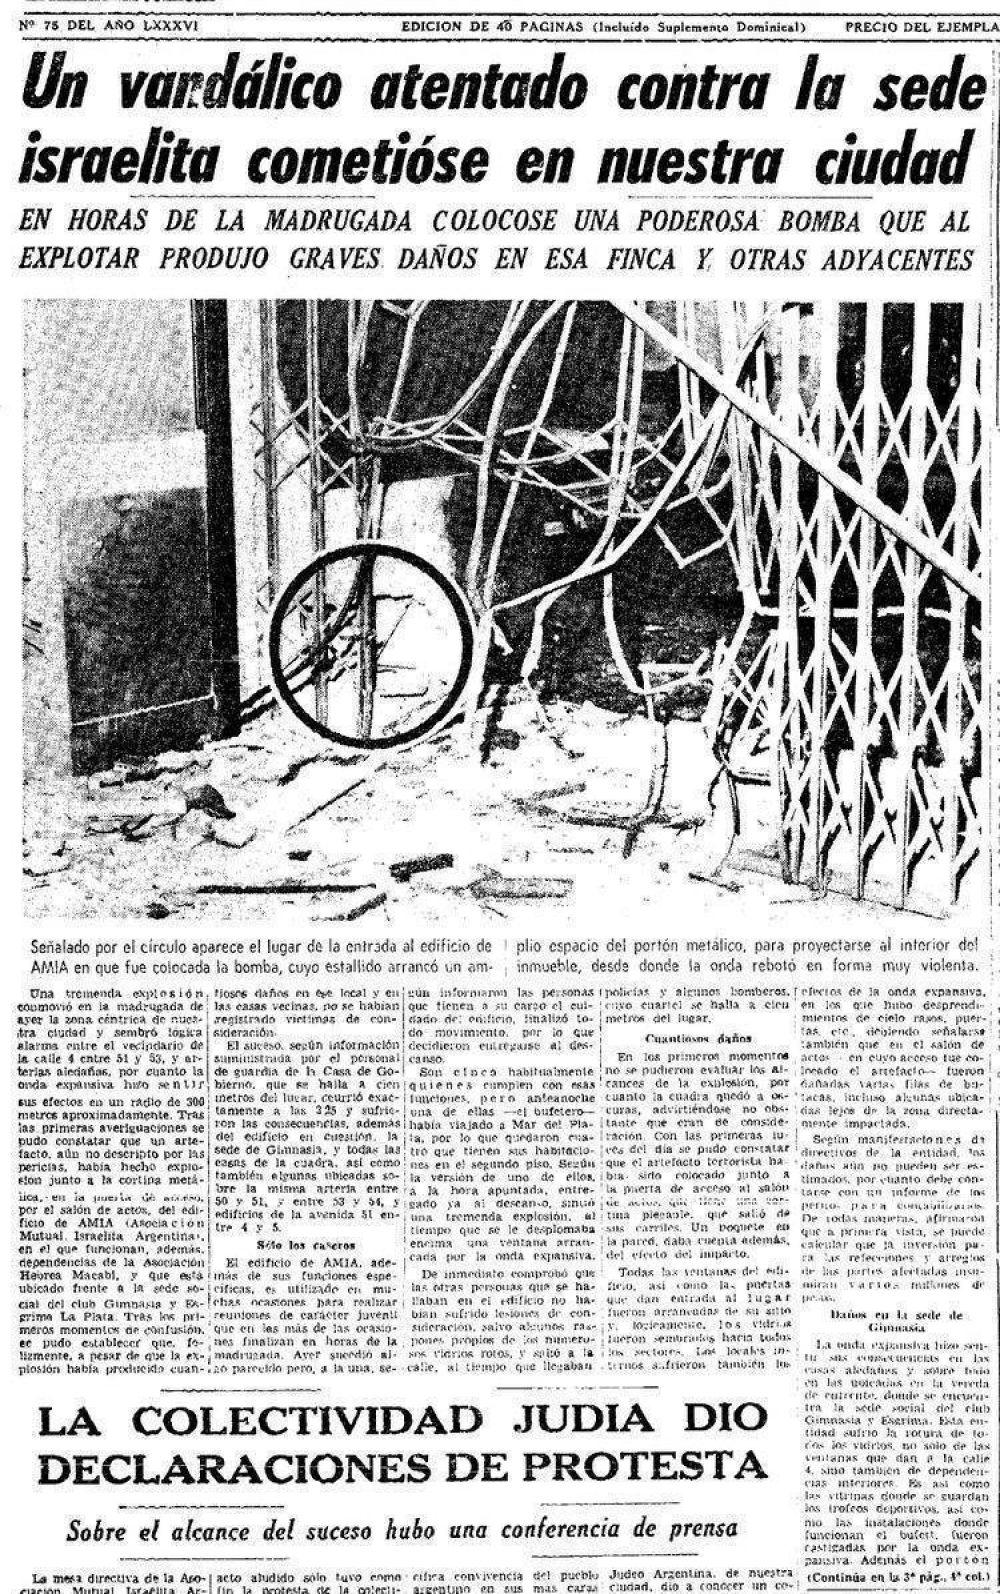 """""""Eliminar judíos, masones y comunistas"""": el ataque a la AMIA que nadie recuerda"""